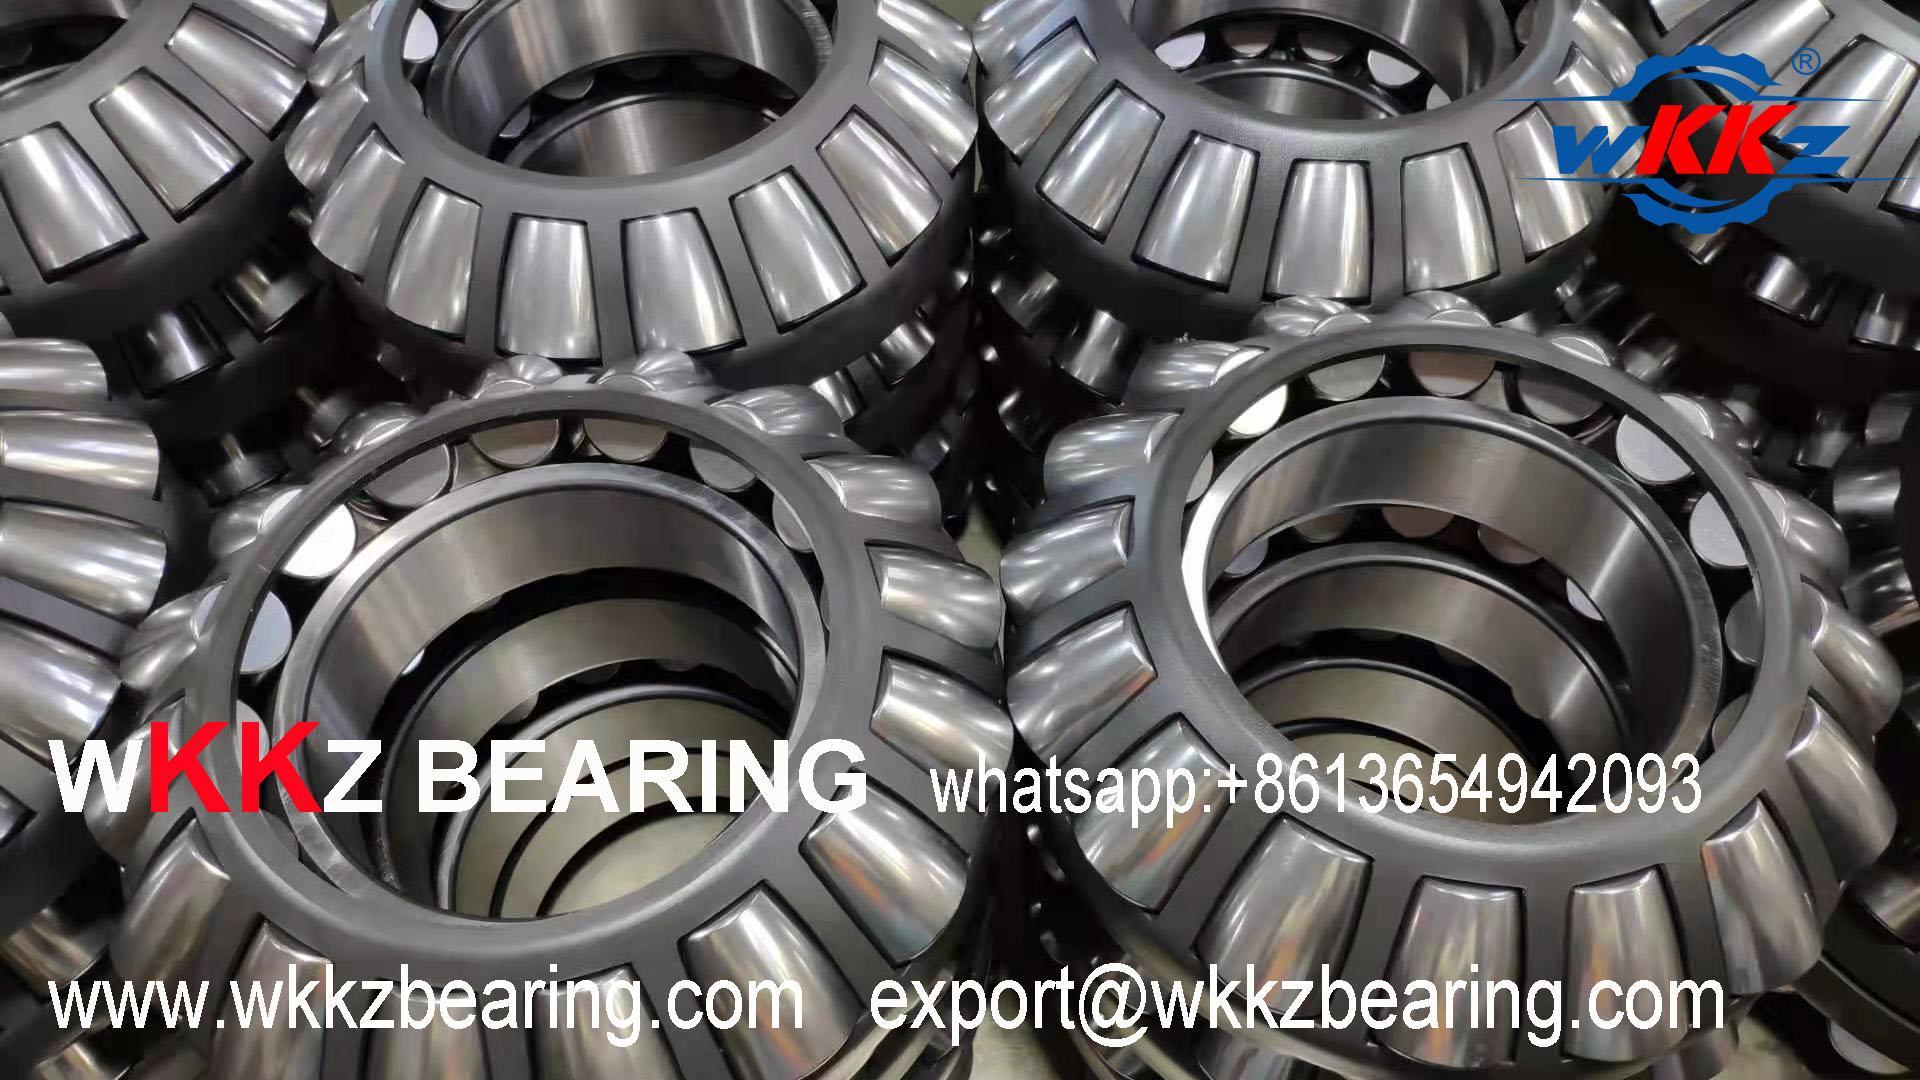 29317,29318,29320,29322 spherical roller thrust bearing,WKKZ BEARING